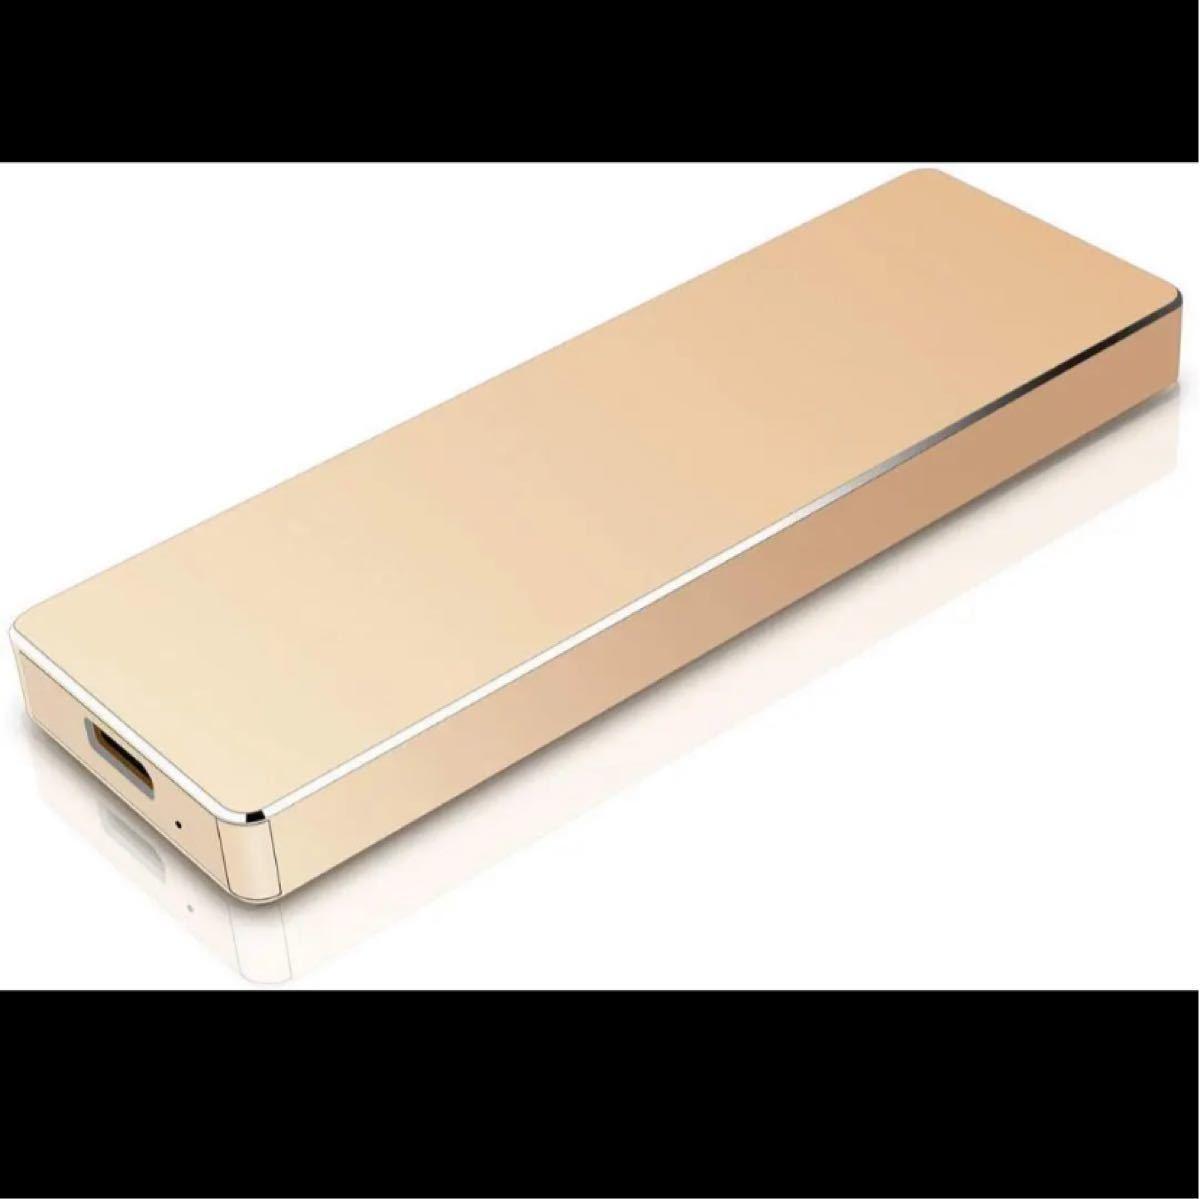 超薄型 外付けHDDハードディスクポータブルUSB3.1/TypeC 1TB